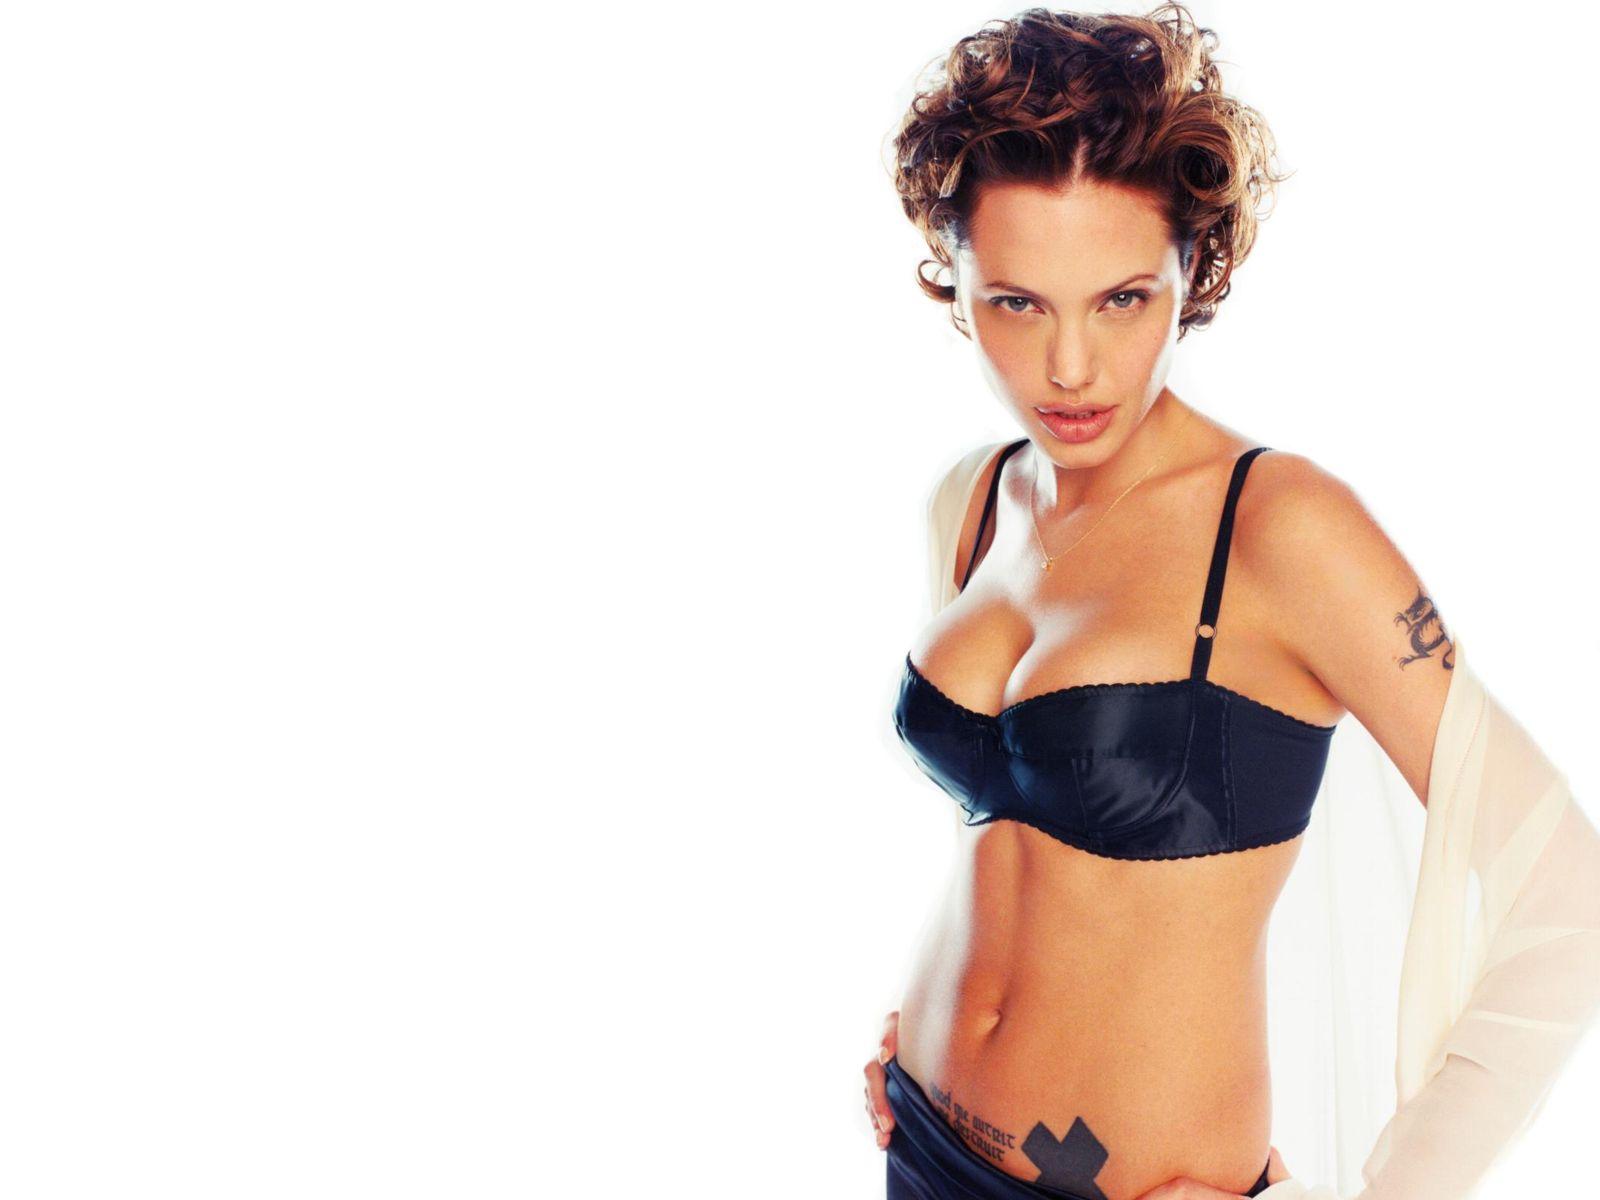 http://1.bp.blogspot.com/-Ja0BoVyf0uk/TZObMBERZfI/AAAAAAAAAko/e8-Rb0raJKk/s1600/Angelina-Jolie+0+%252845%2529.jpg